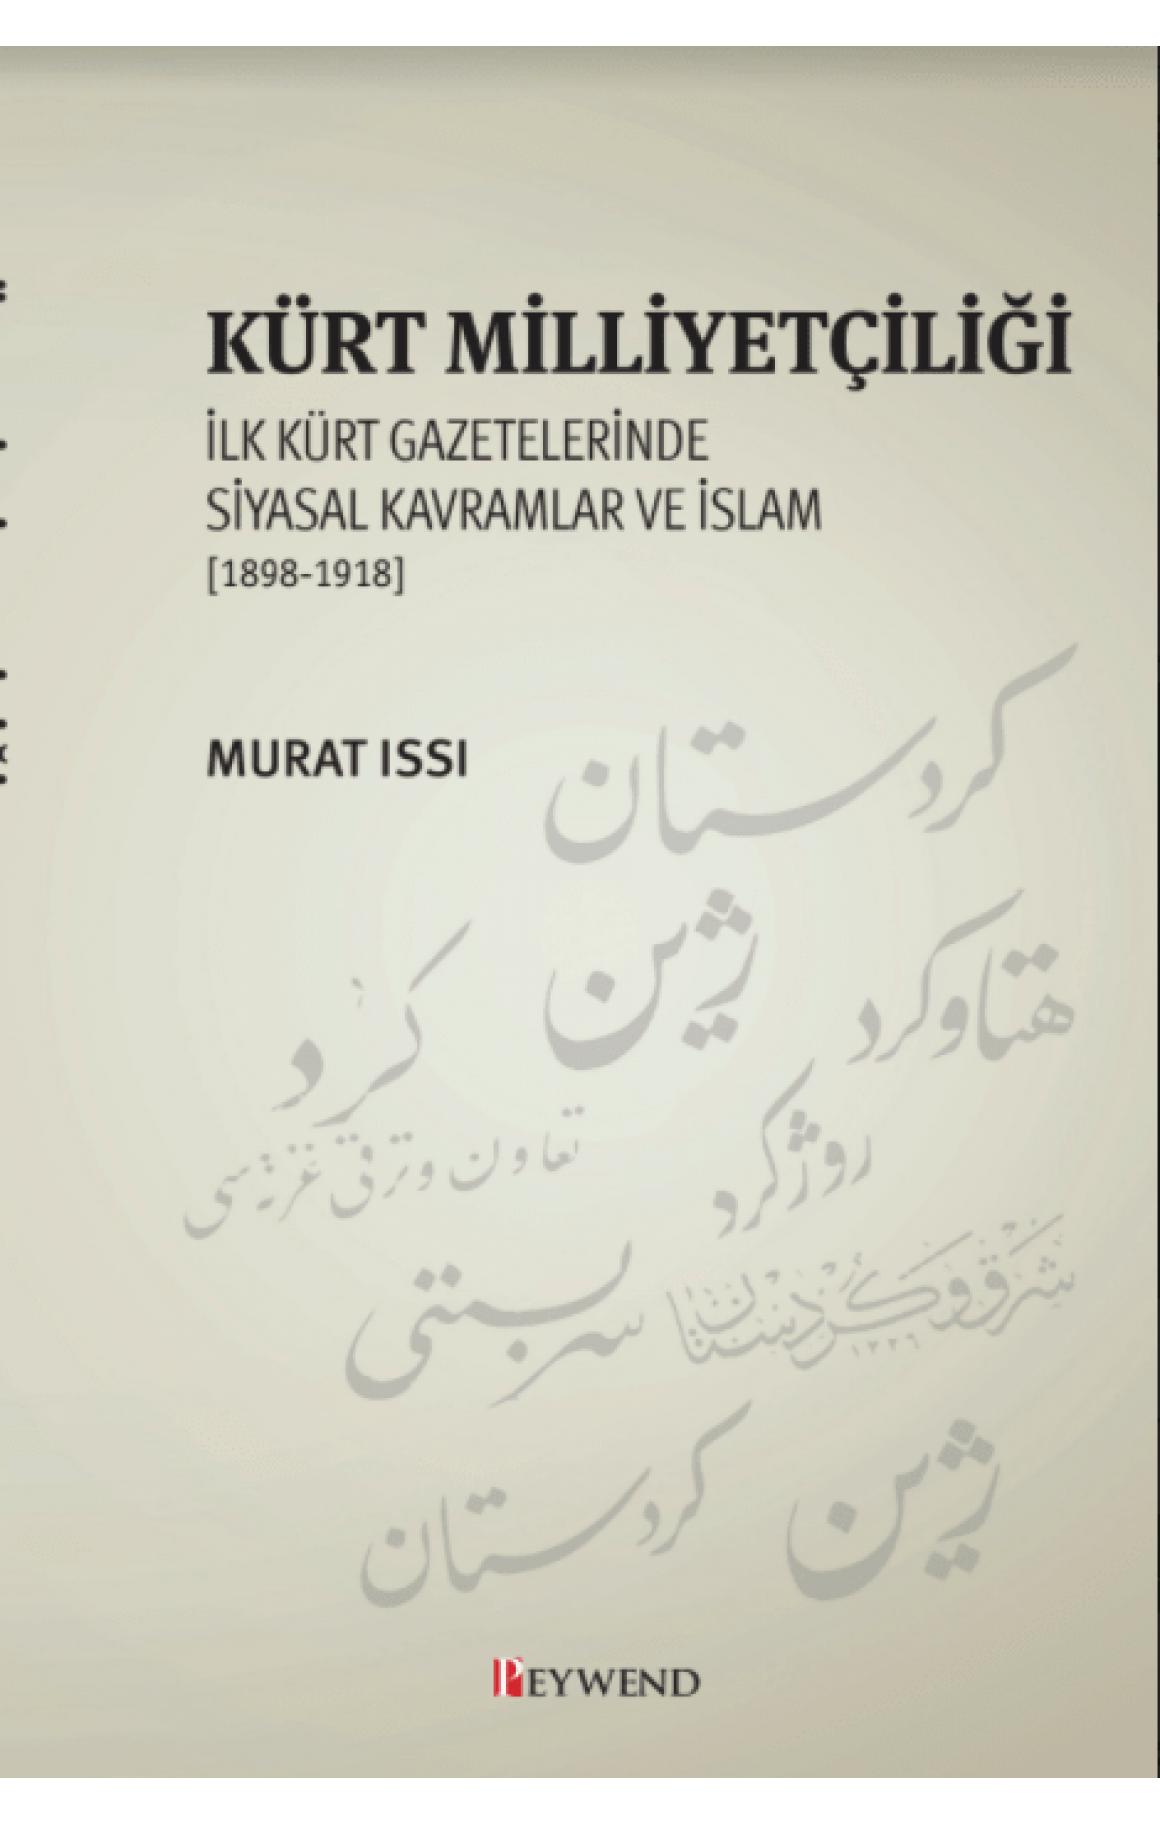 Kürt Milliyetçiliği İlk Kürt Gazetelerinde Siyasal Kavramlar ve İslam 1898-1918